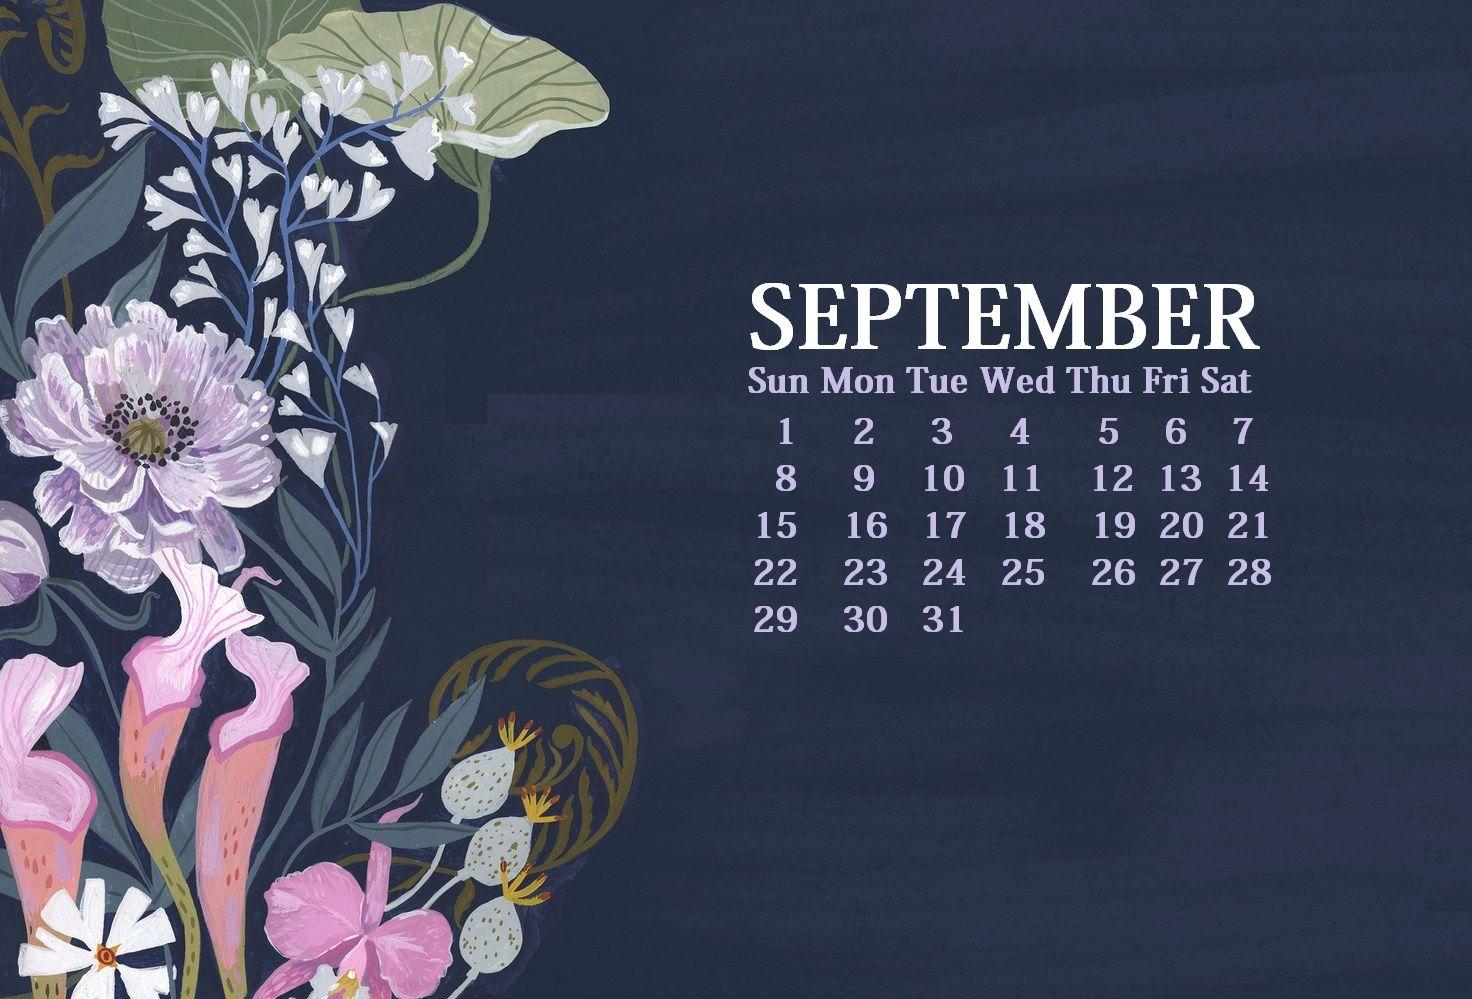 September 2019 Hd Calendar Wallpaper Calendar Wallpaper September Calendar Desktop Calendar